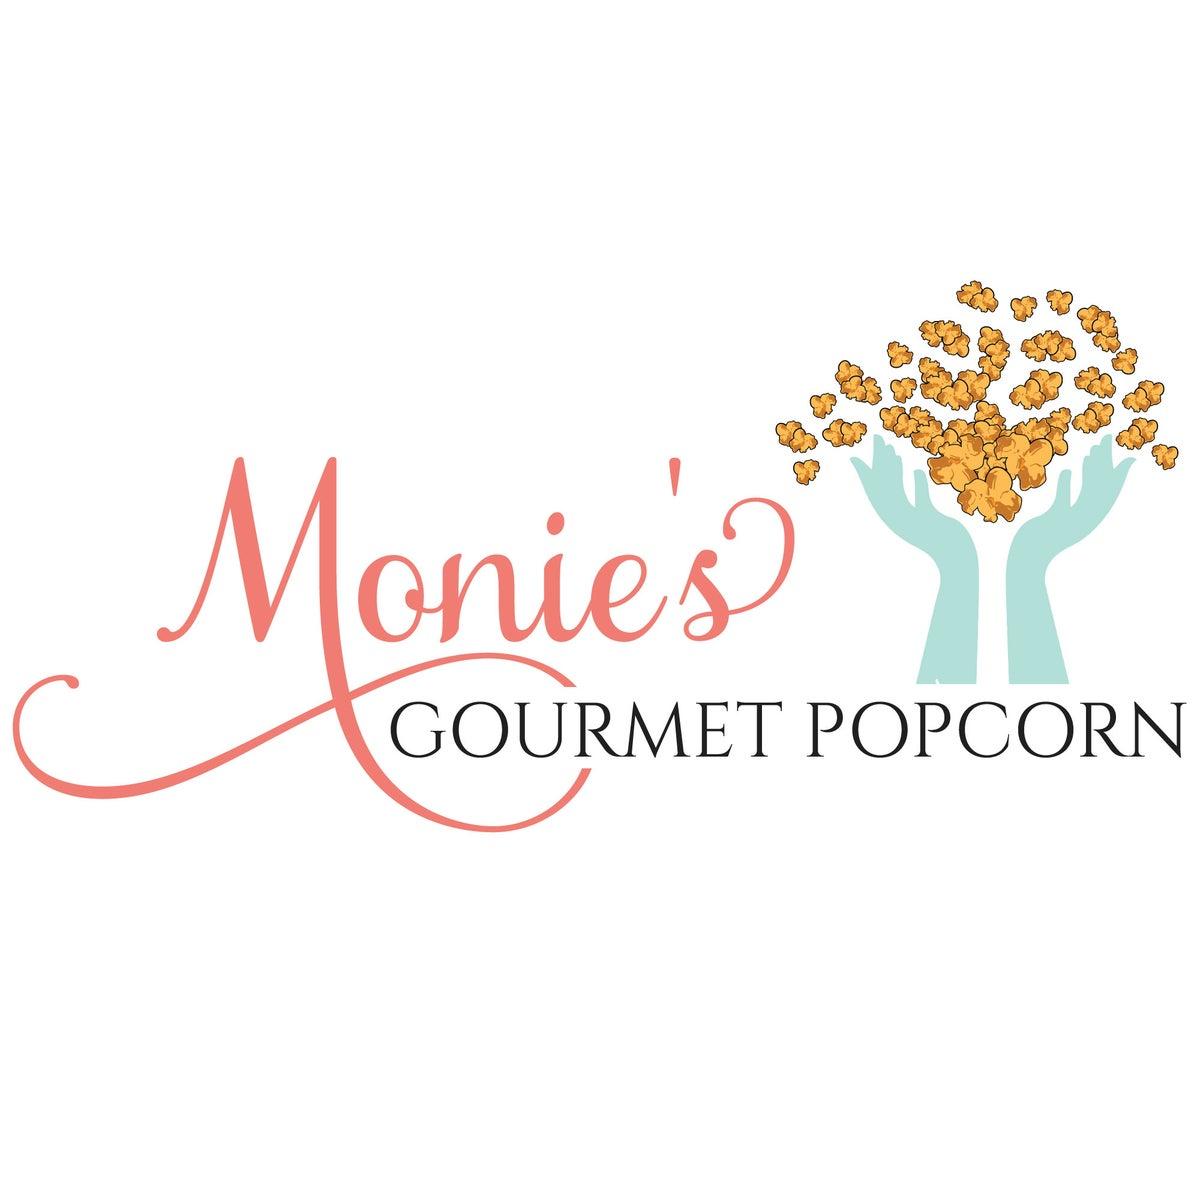 Monies Gourmet Popcorn — Home